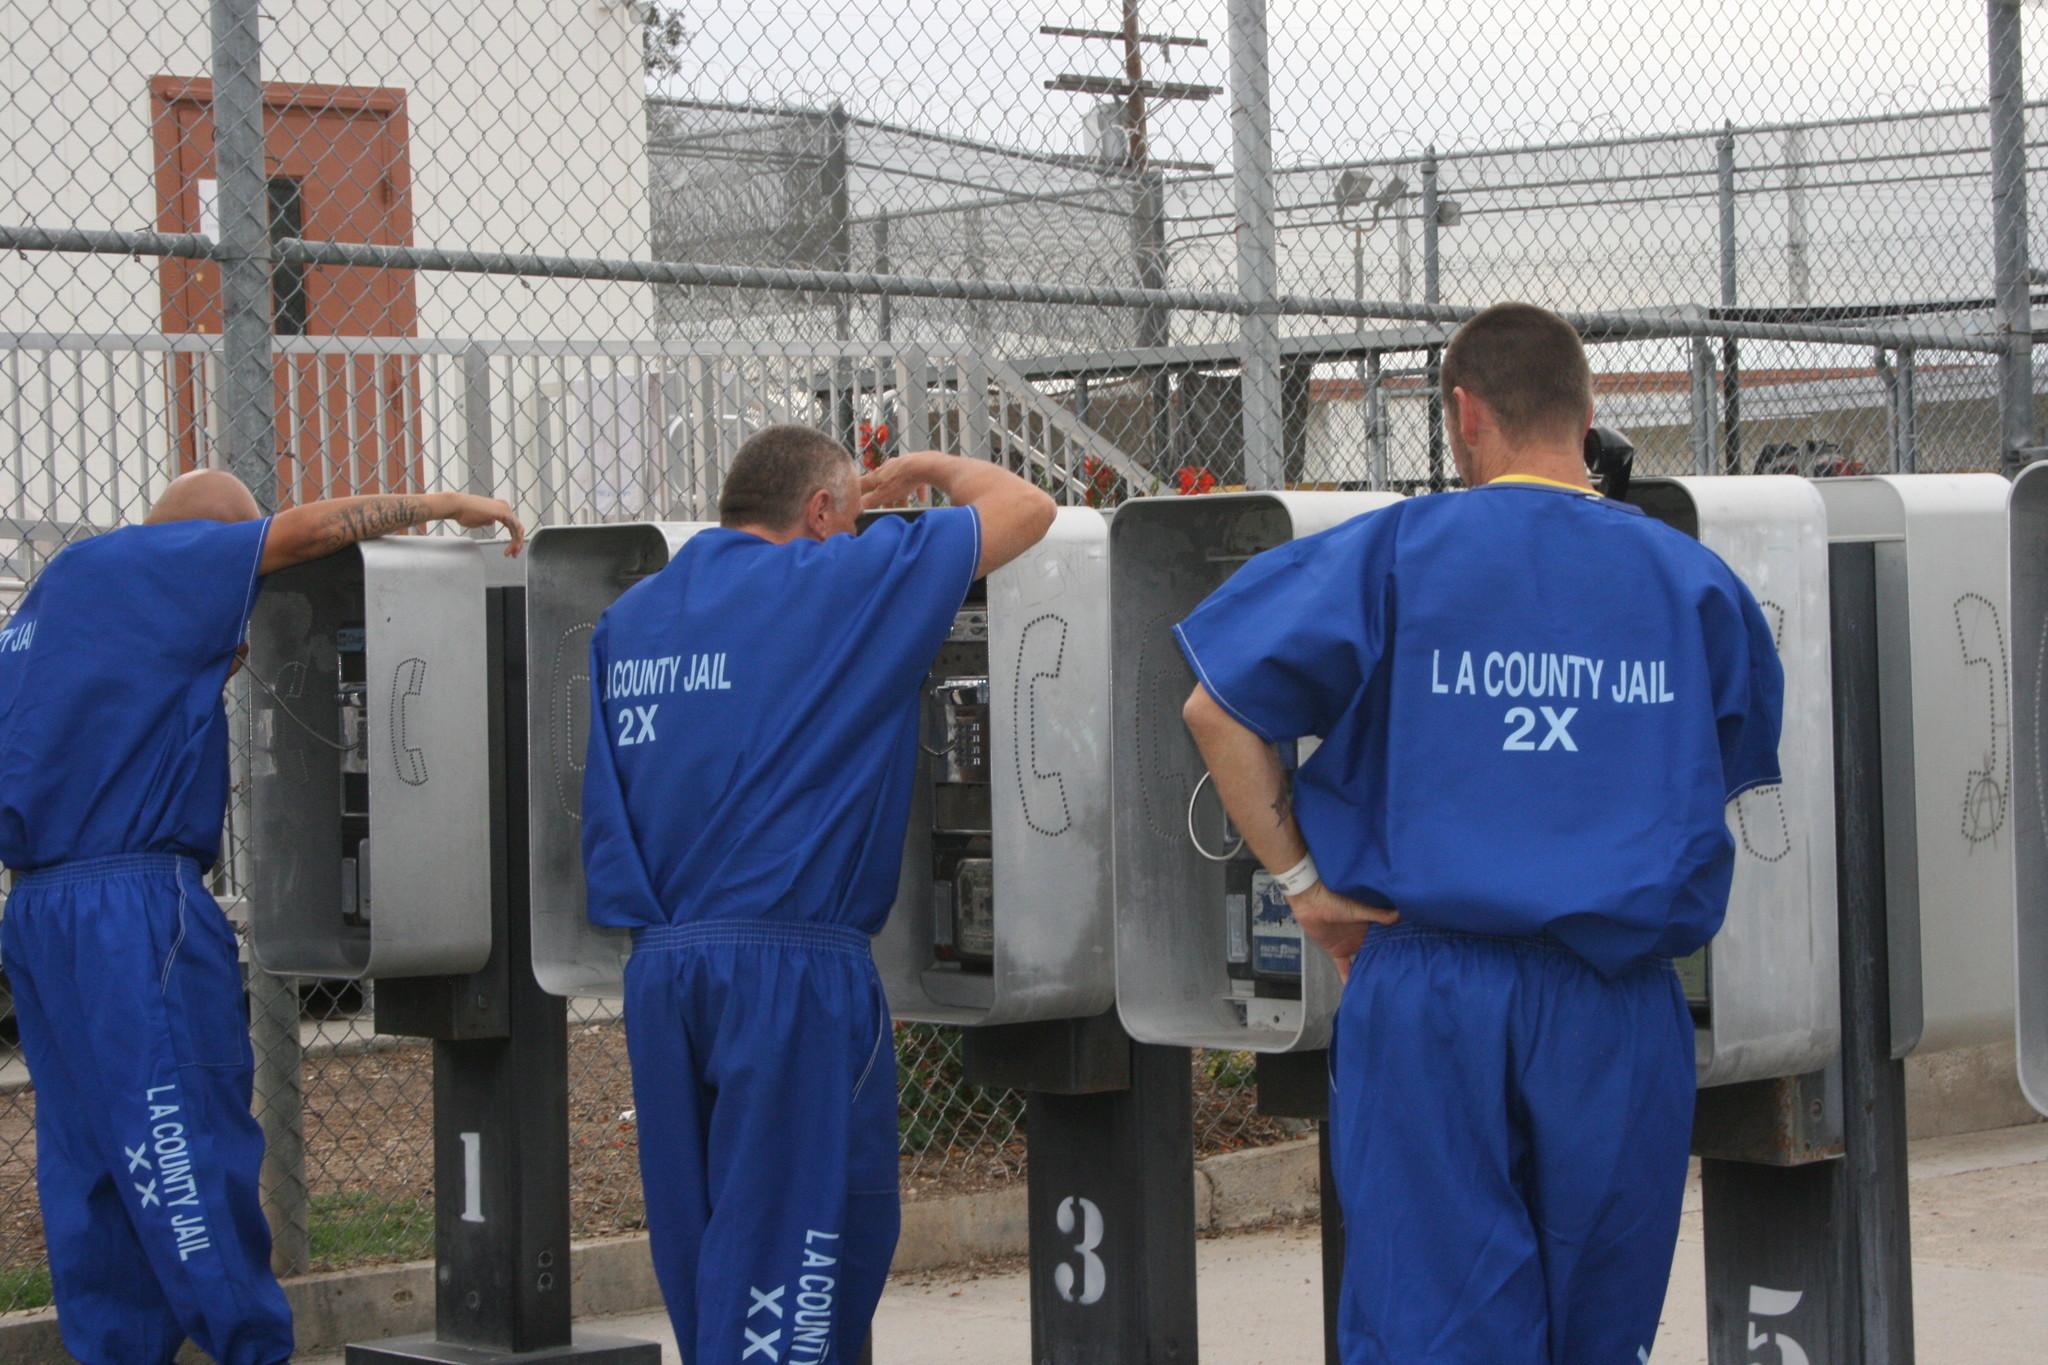 Trabajos adolescentes en el condado de Collier